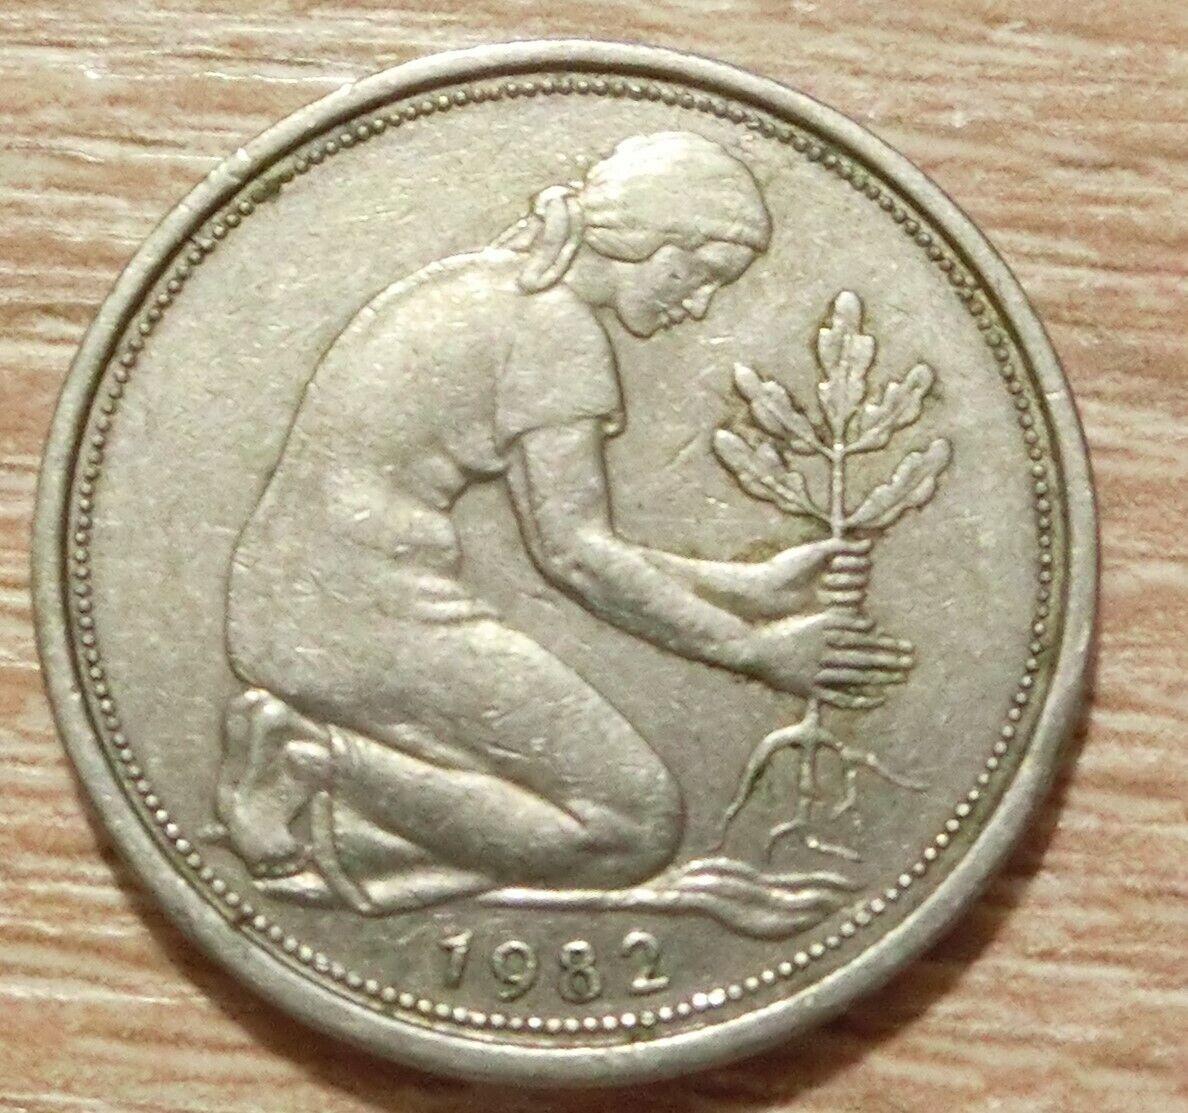 Bundesrepublik Deutschland 50 Pfennig 1982 J - 1,00 €